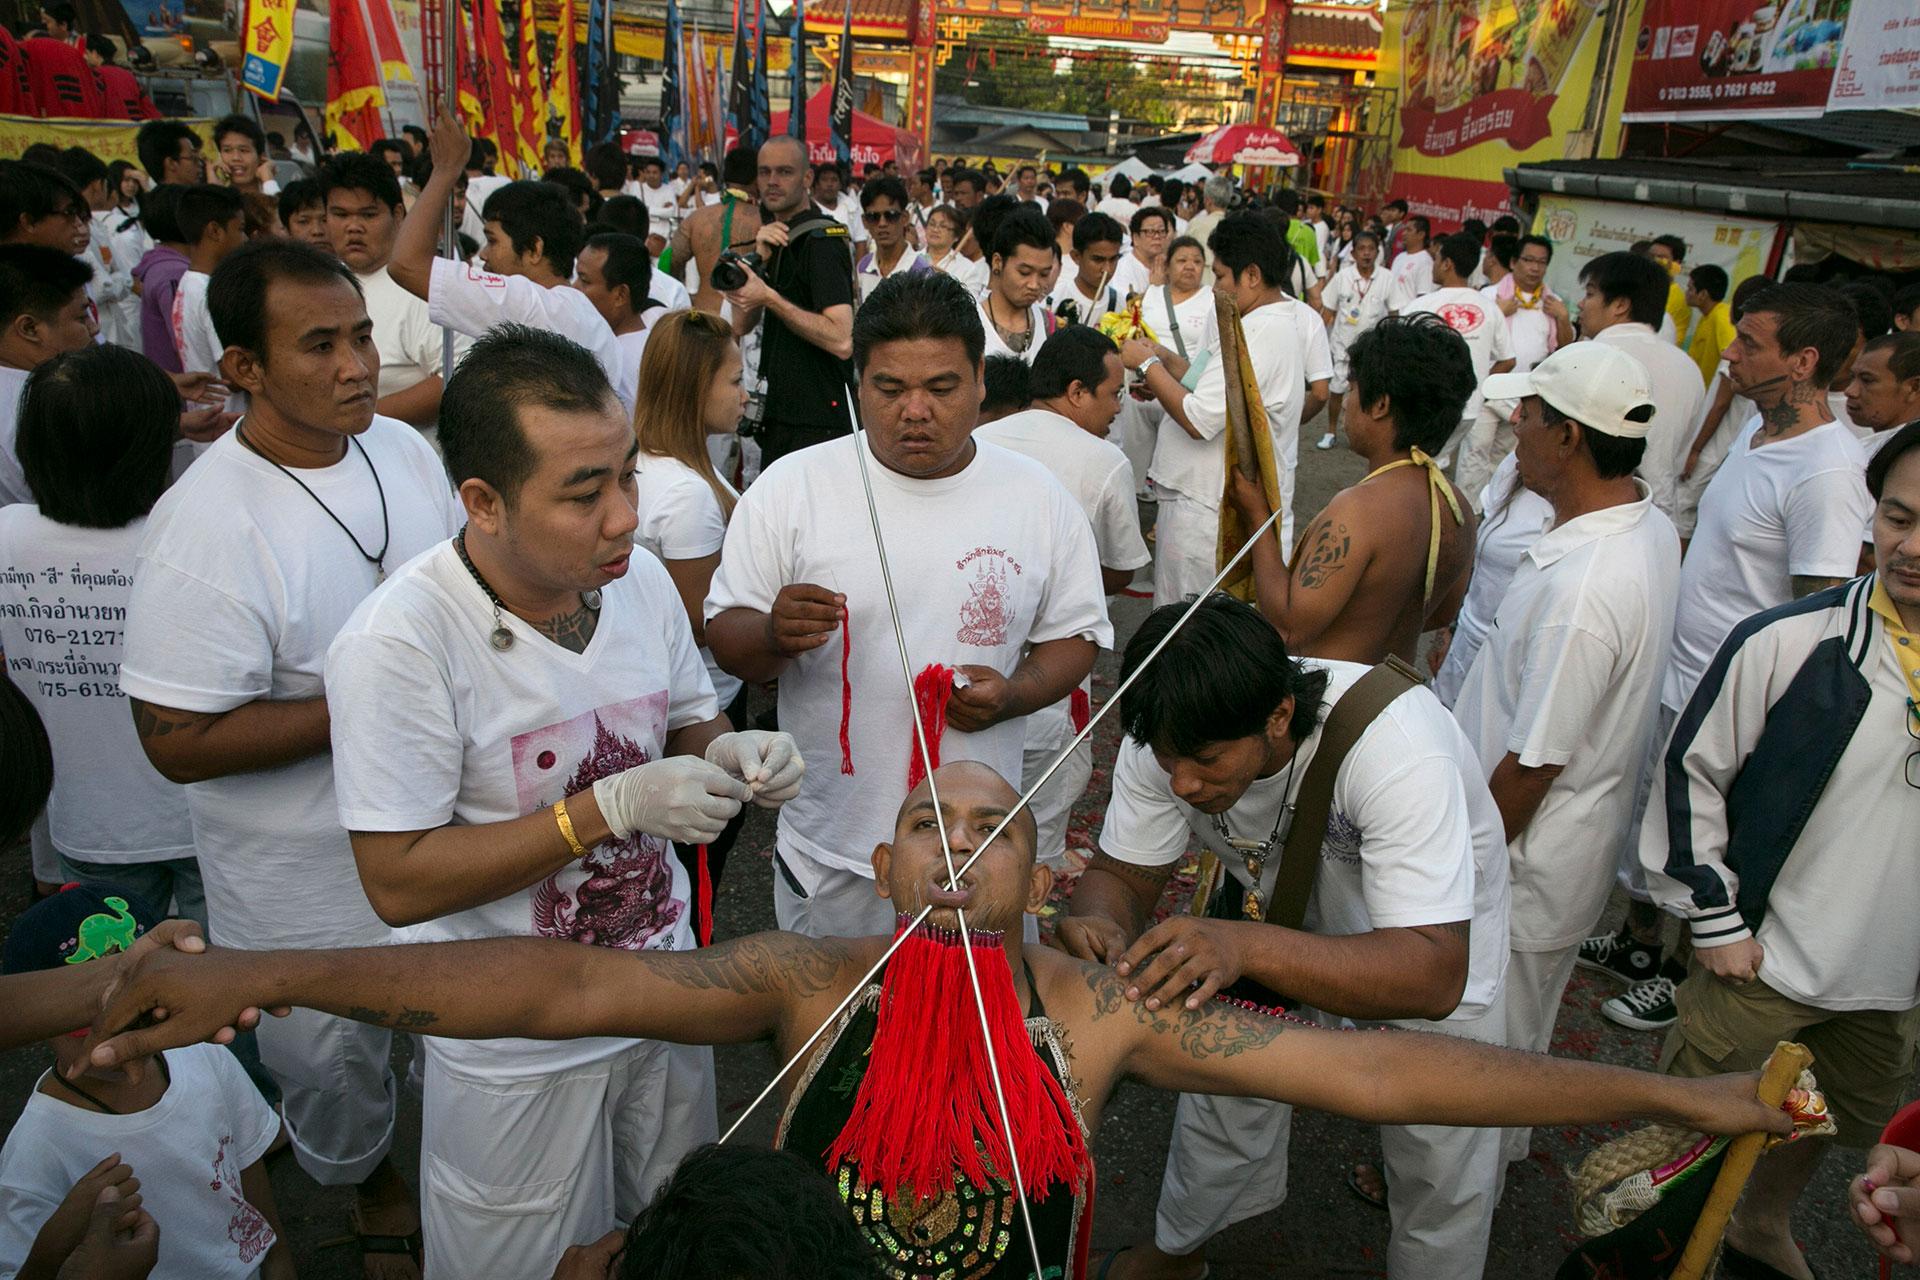 Los devotos creen que los dioses los invaden durante los rituales (Getty)